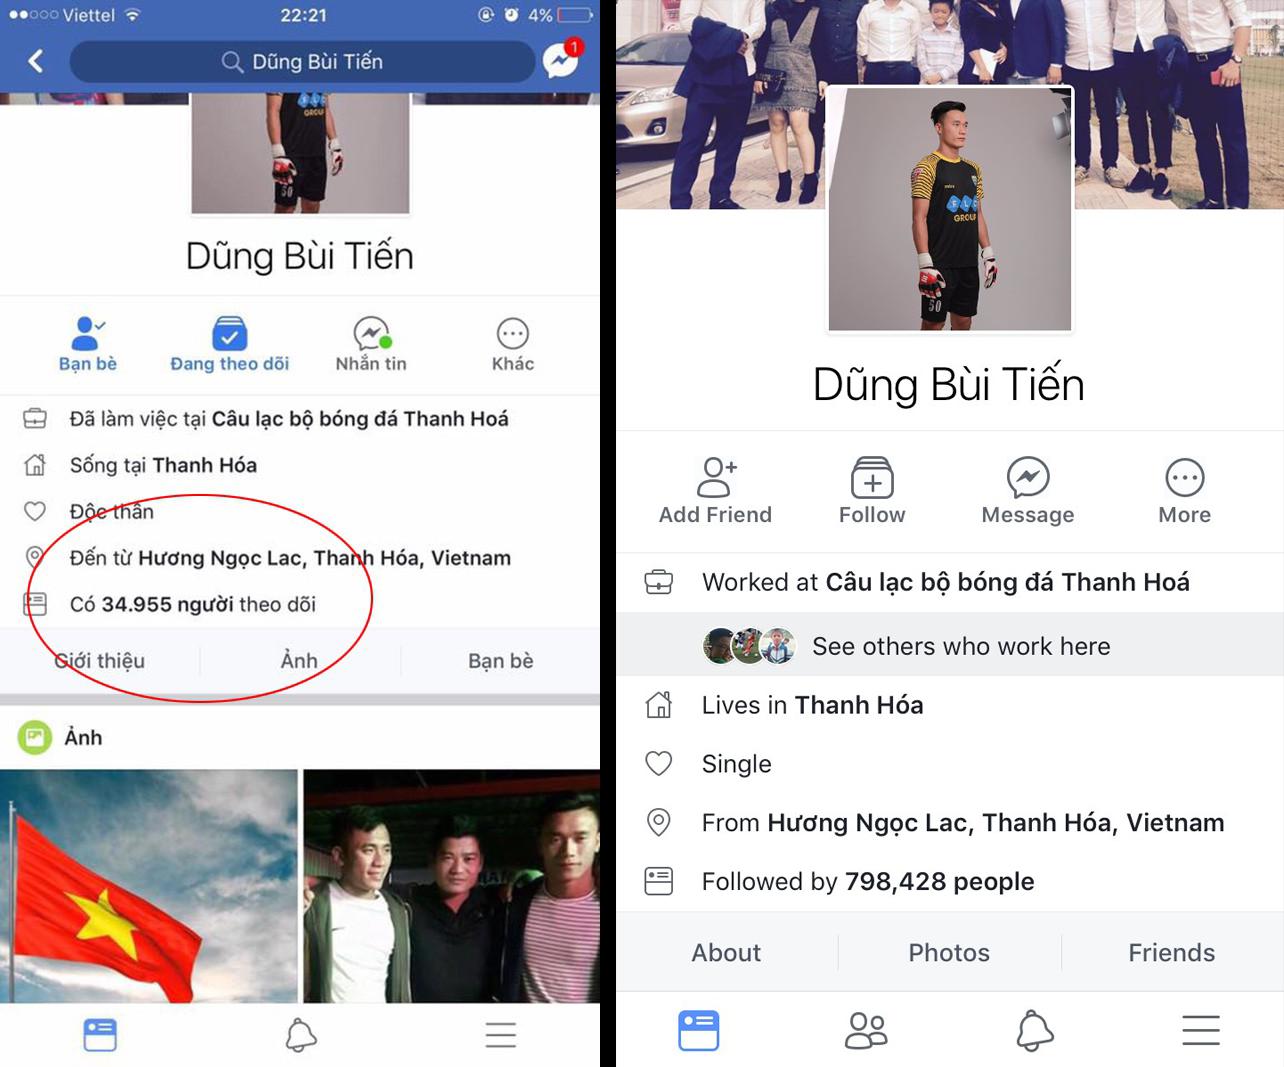 Facebook giả mạo thủ môn Bùi Tiến Dũng có 500.000 người theo dõi! Đây mới là tài khoản thật mọi người ơi - Ảnh 1.